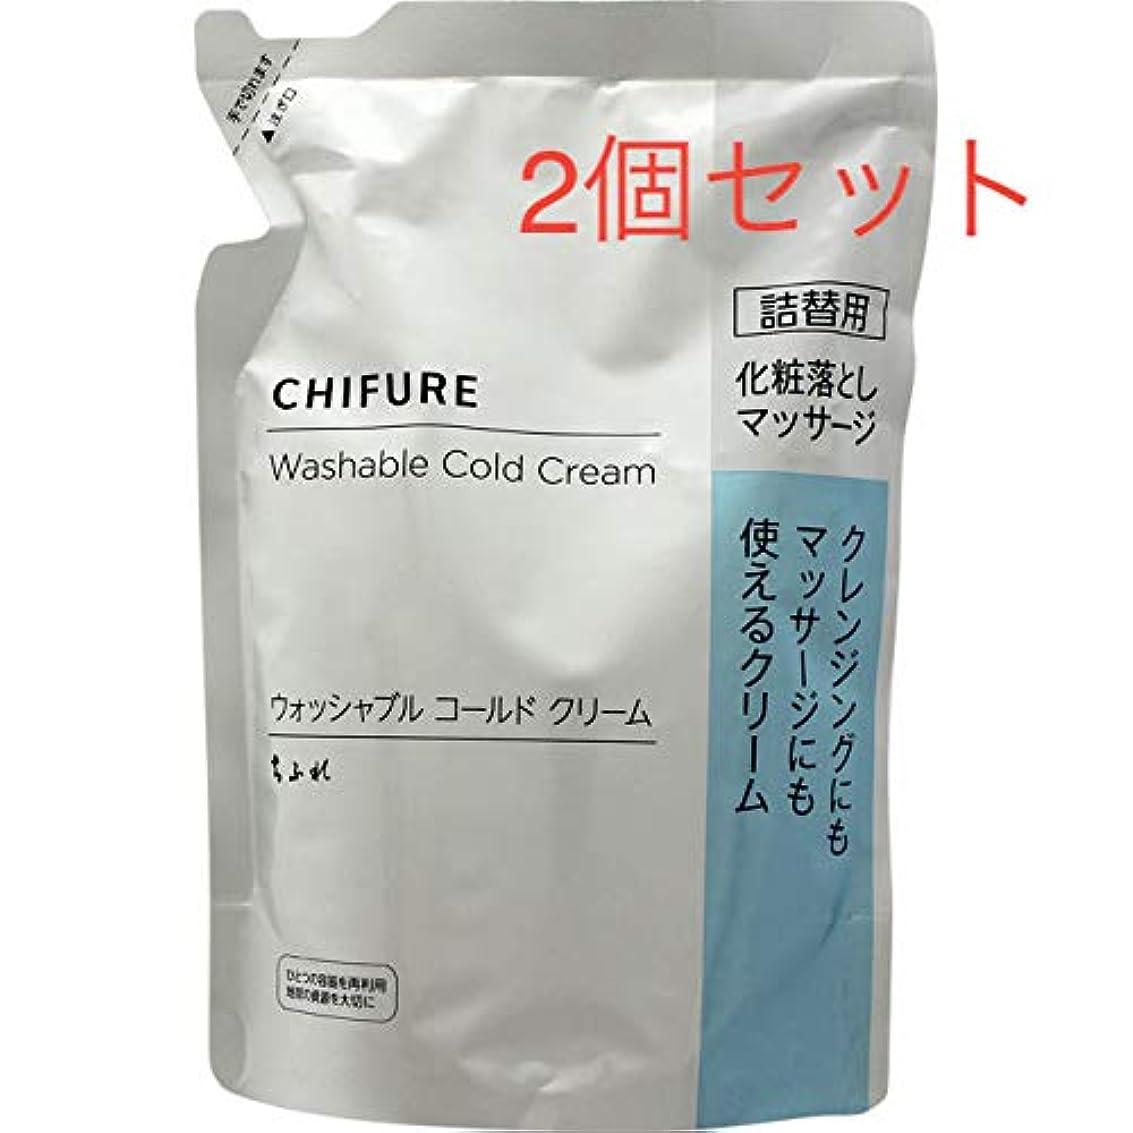 溶けた添加ハイジャックちふれ化粧品 ウォッシャブルコールドクリームN詰替 300g 2個セット